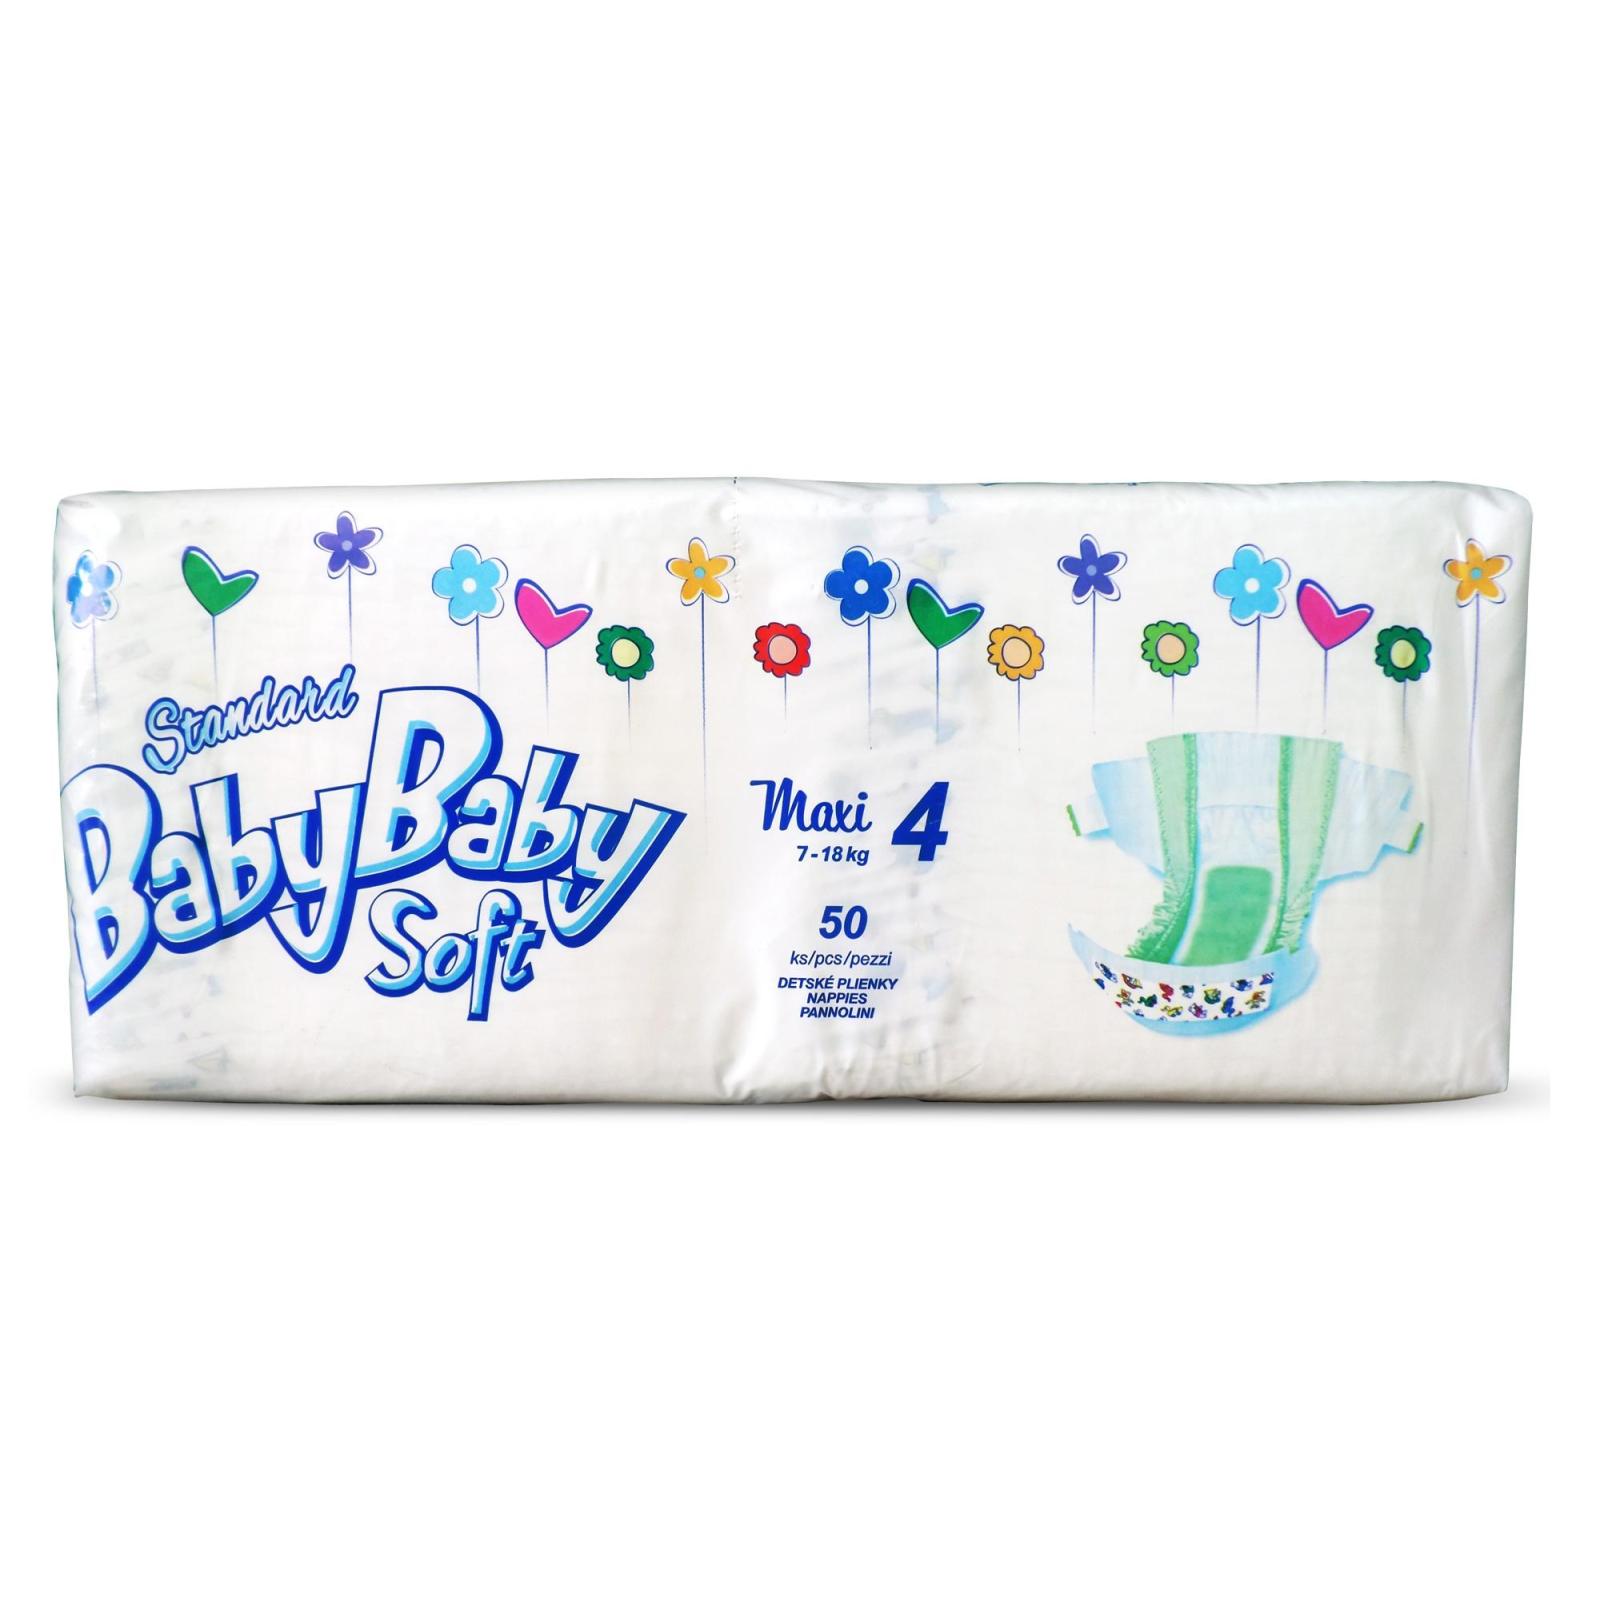 Подгузник BabyBaby Soft Standard Maxi 4 (7-18 кг) 50 шт (8588004865648)